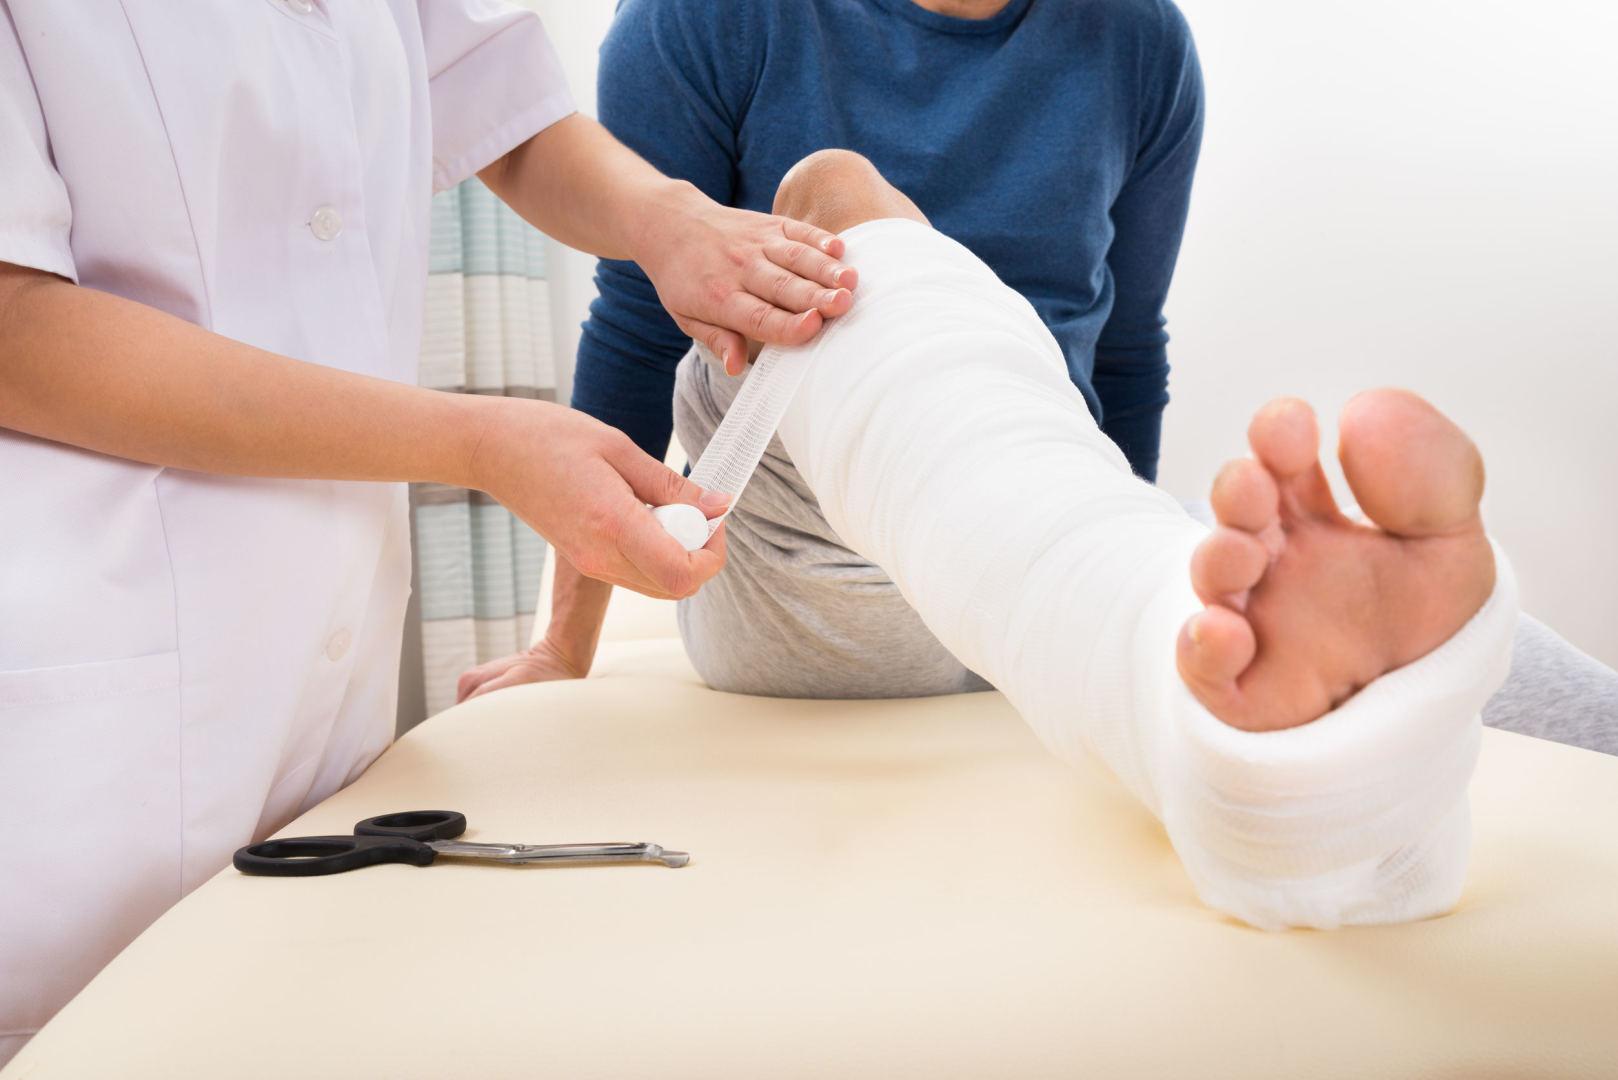 sustaines skauda namuose gydymas gliukozaminas ir chondroititin donas